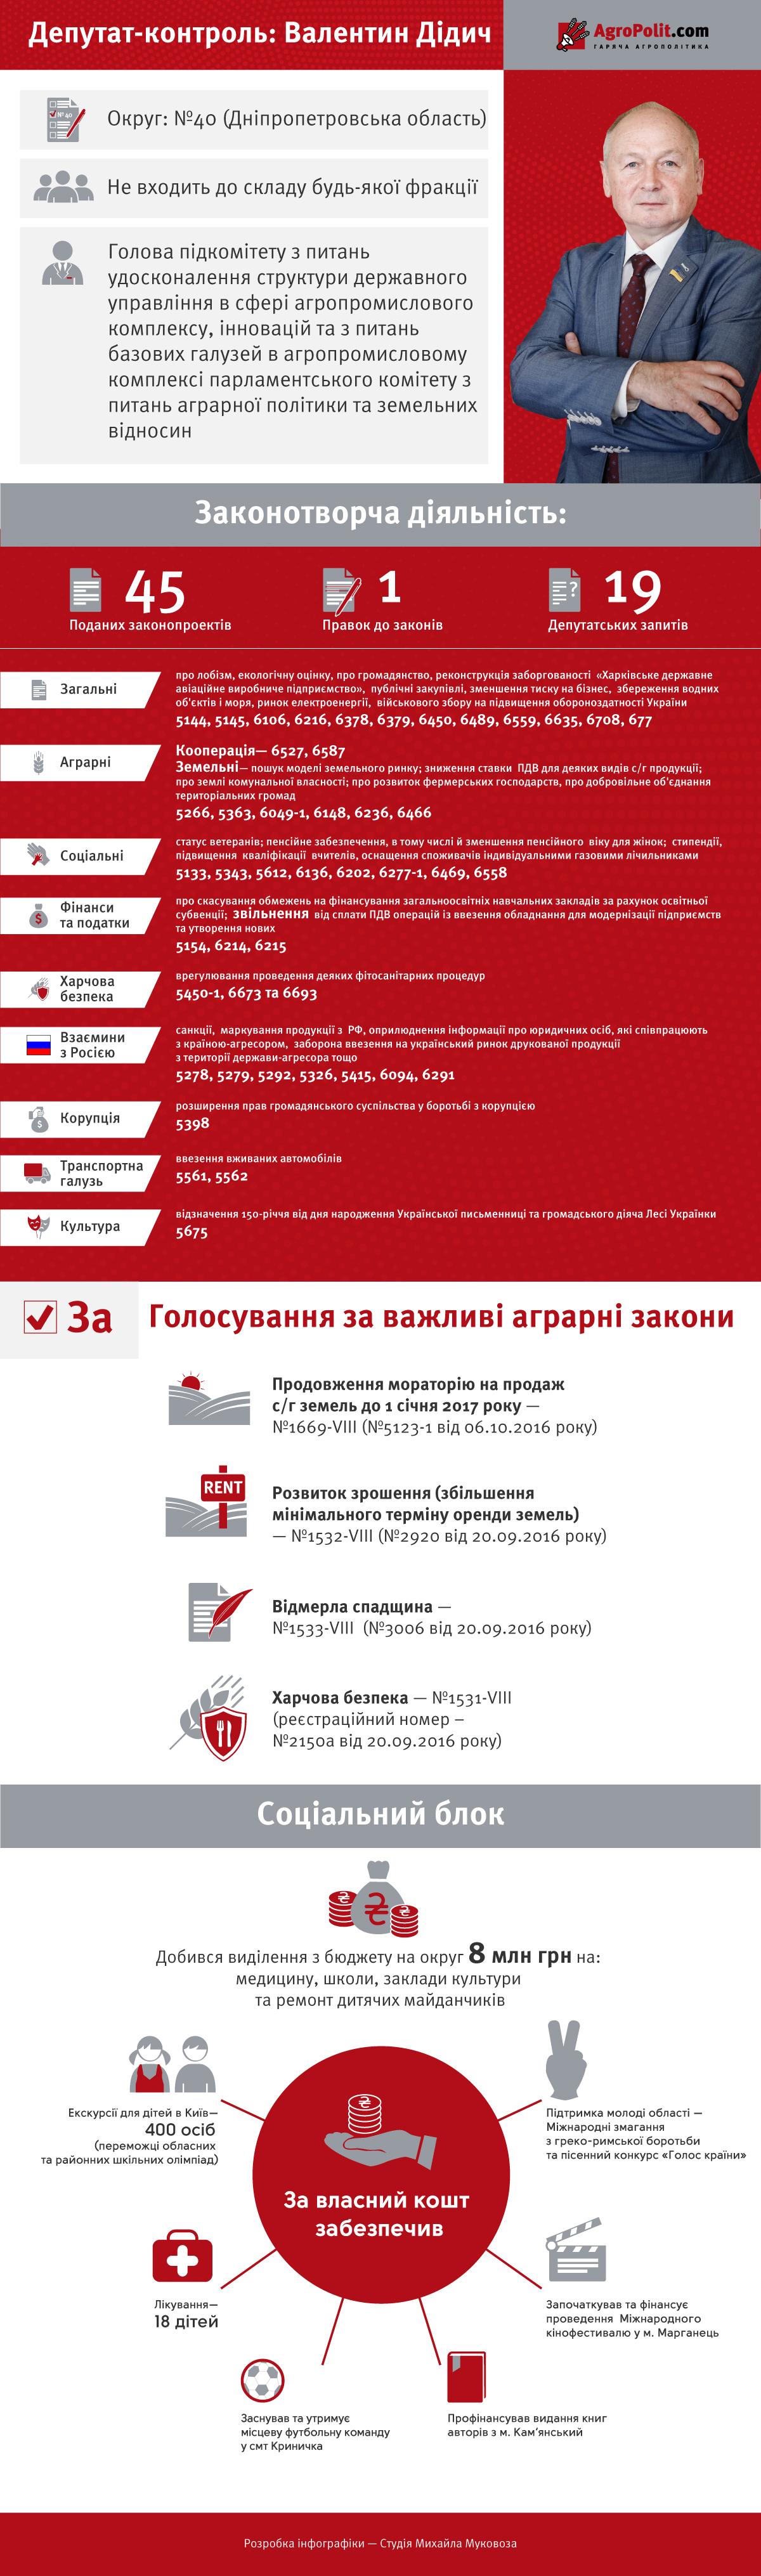 Депутат-контроль: Валентин Дидыч